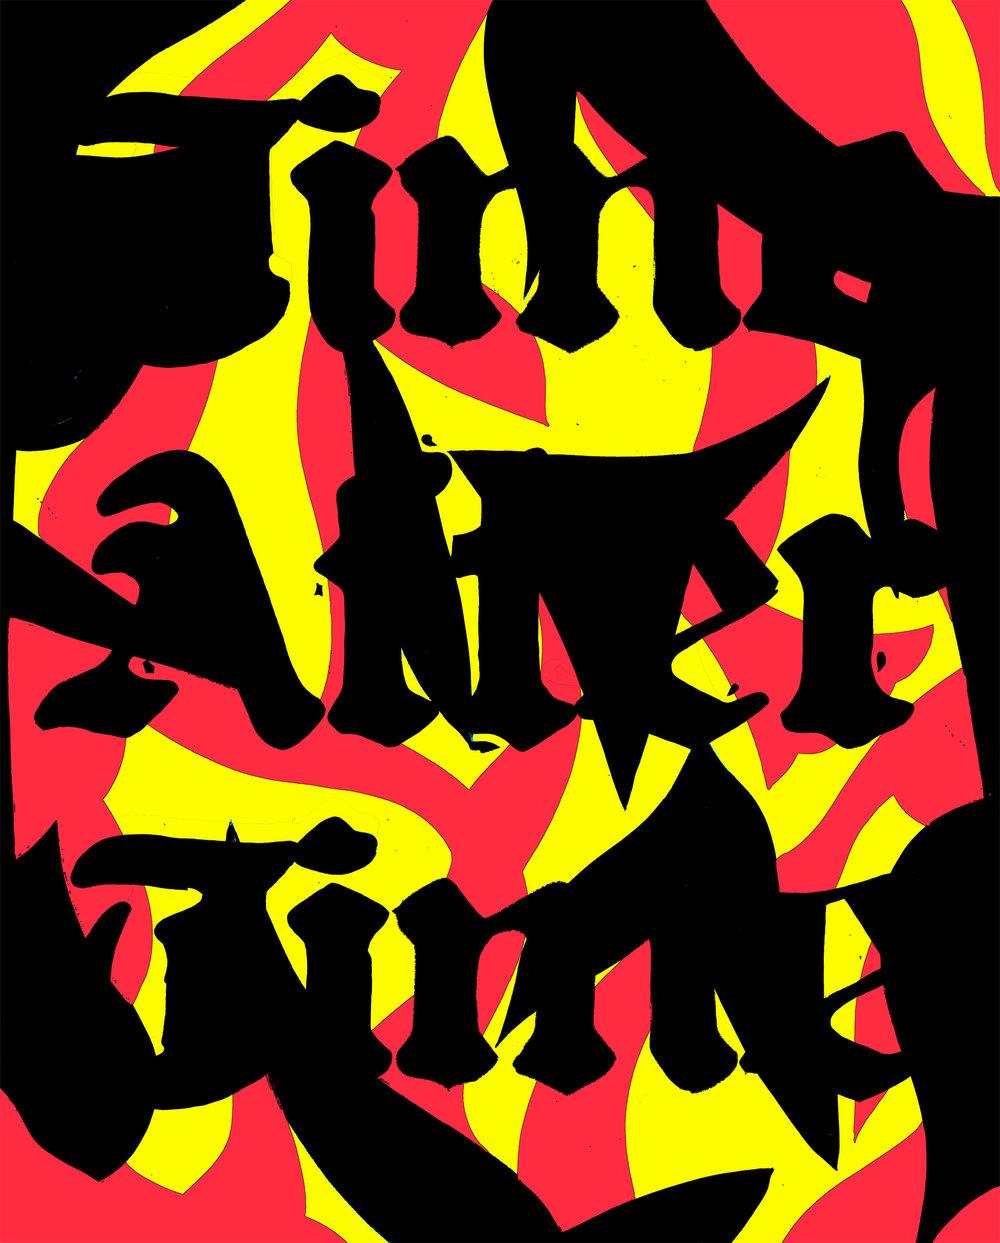 club_heat_poster_16x20_6.jpg